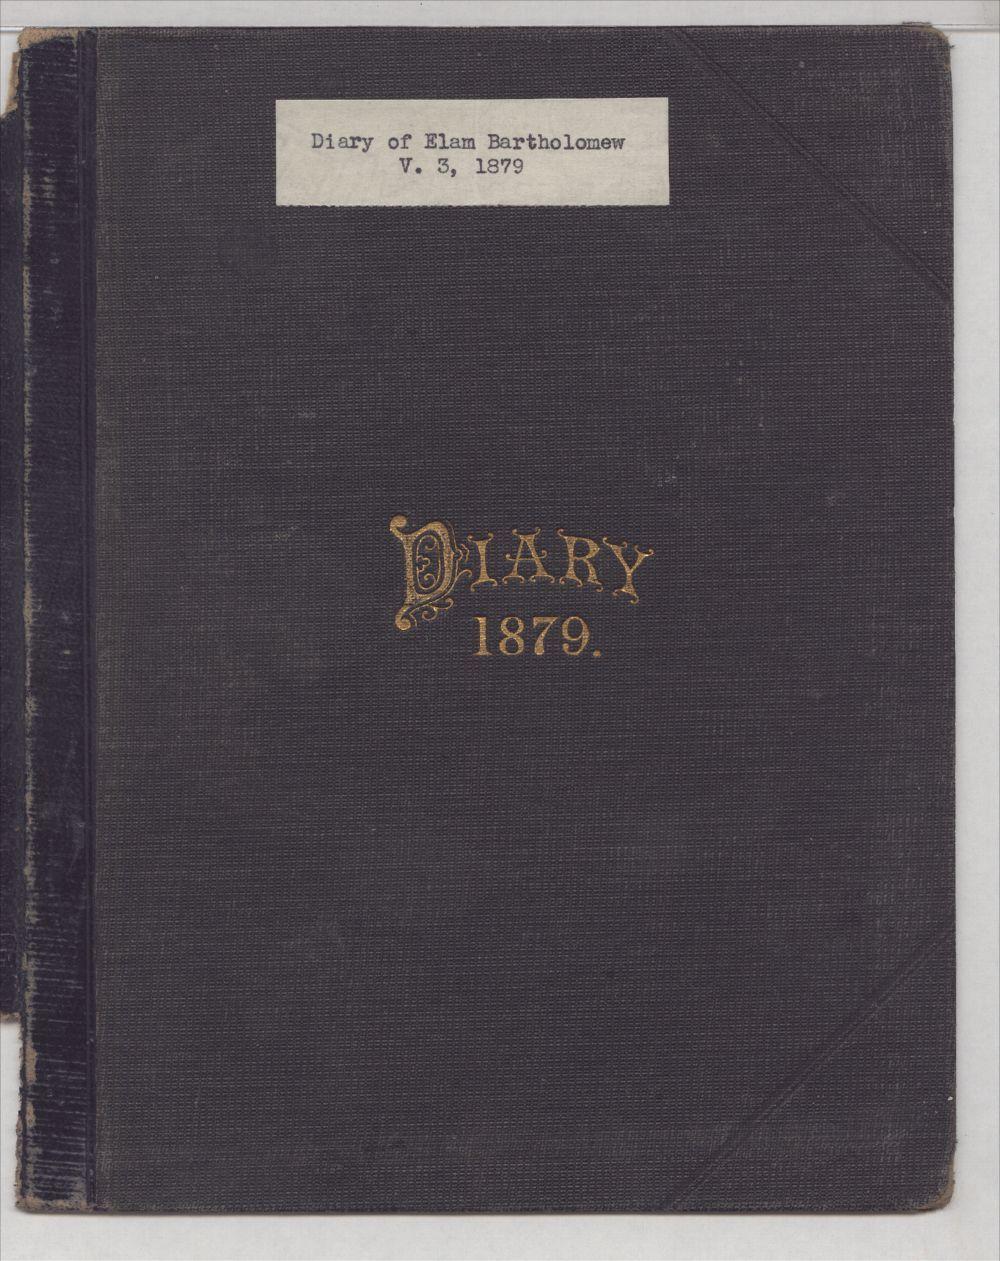 Elam Bartholomew diary - Front Cover